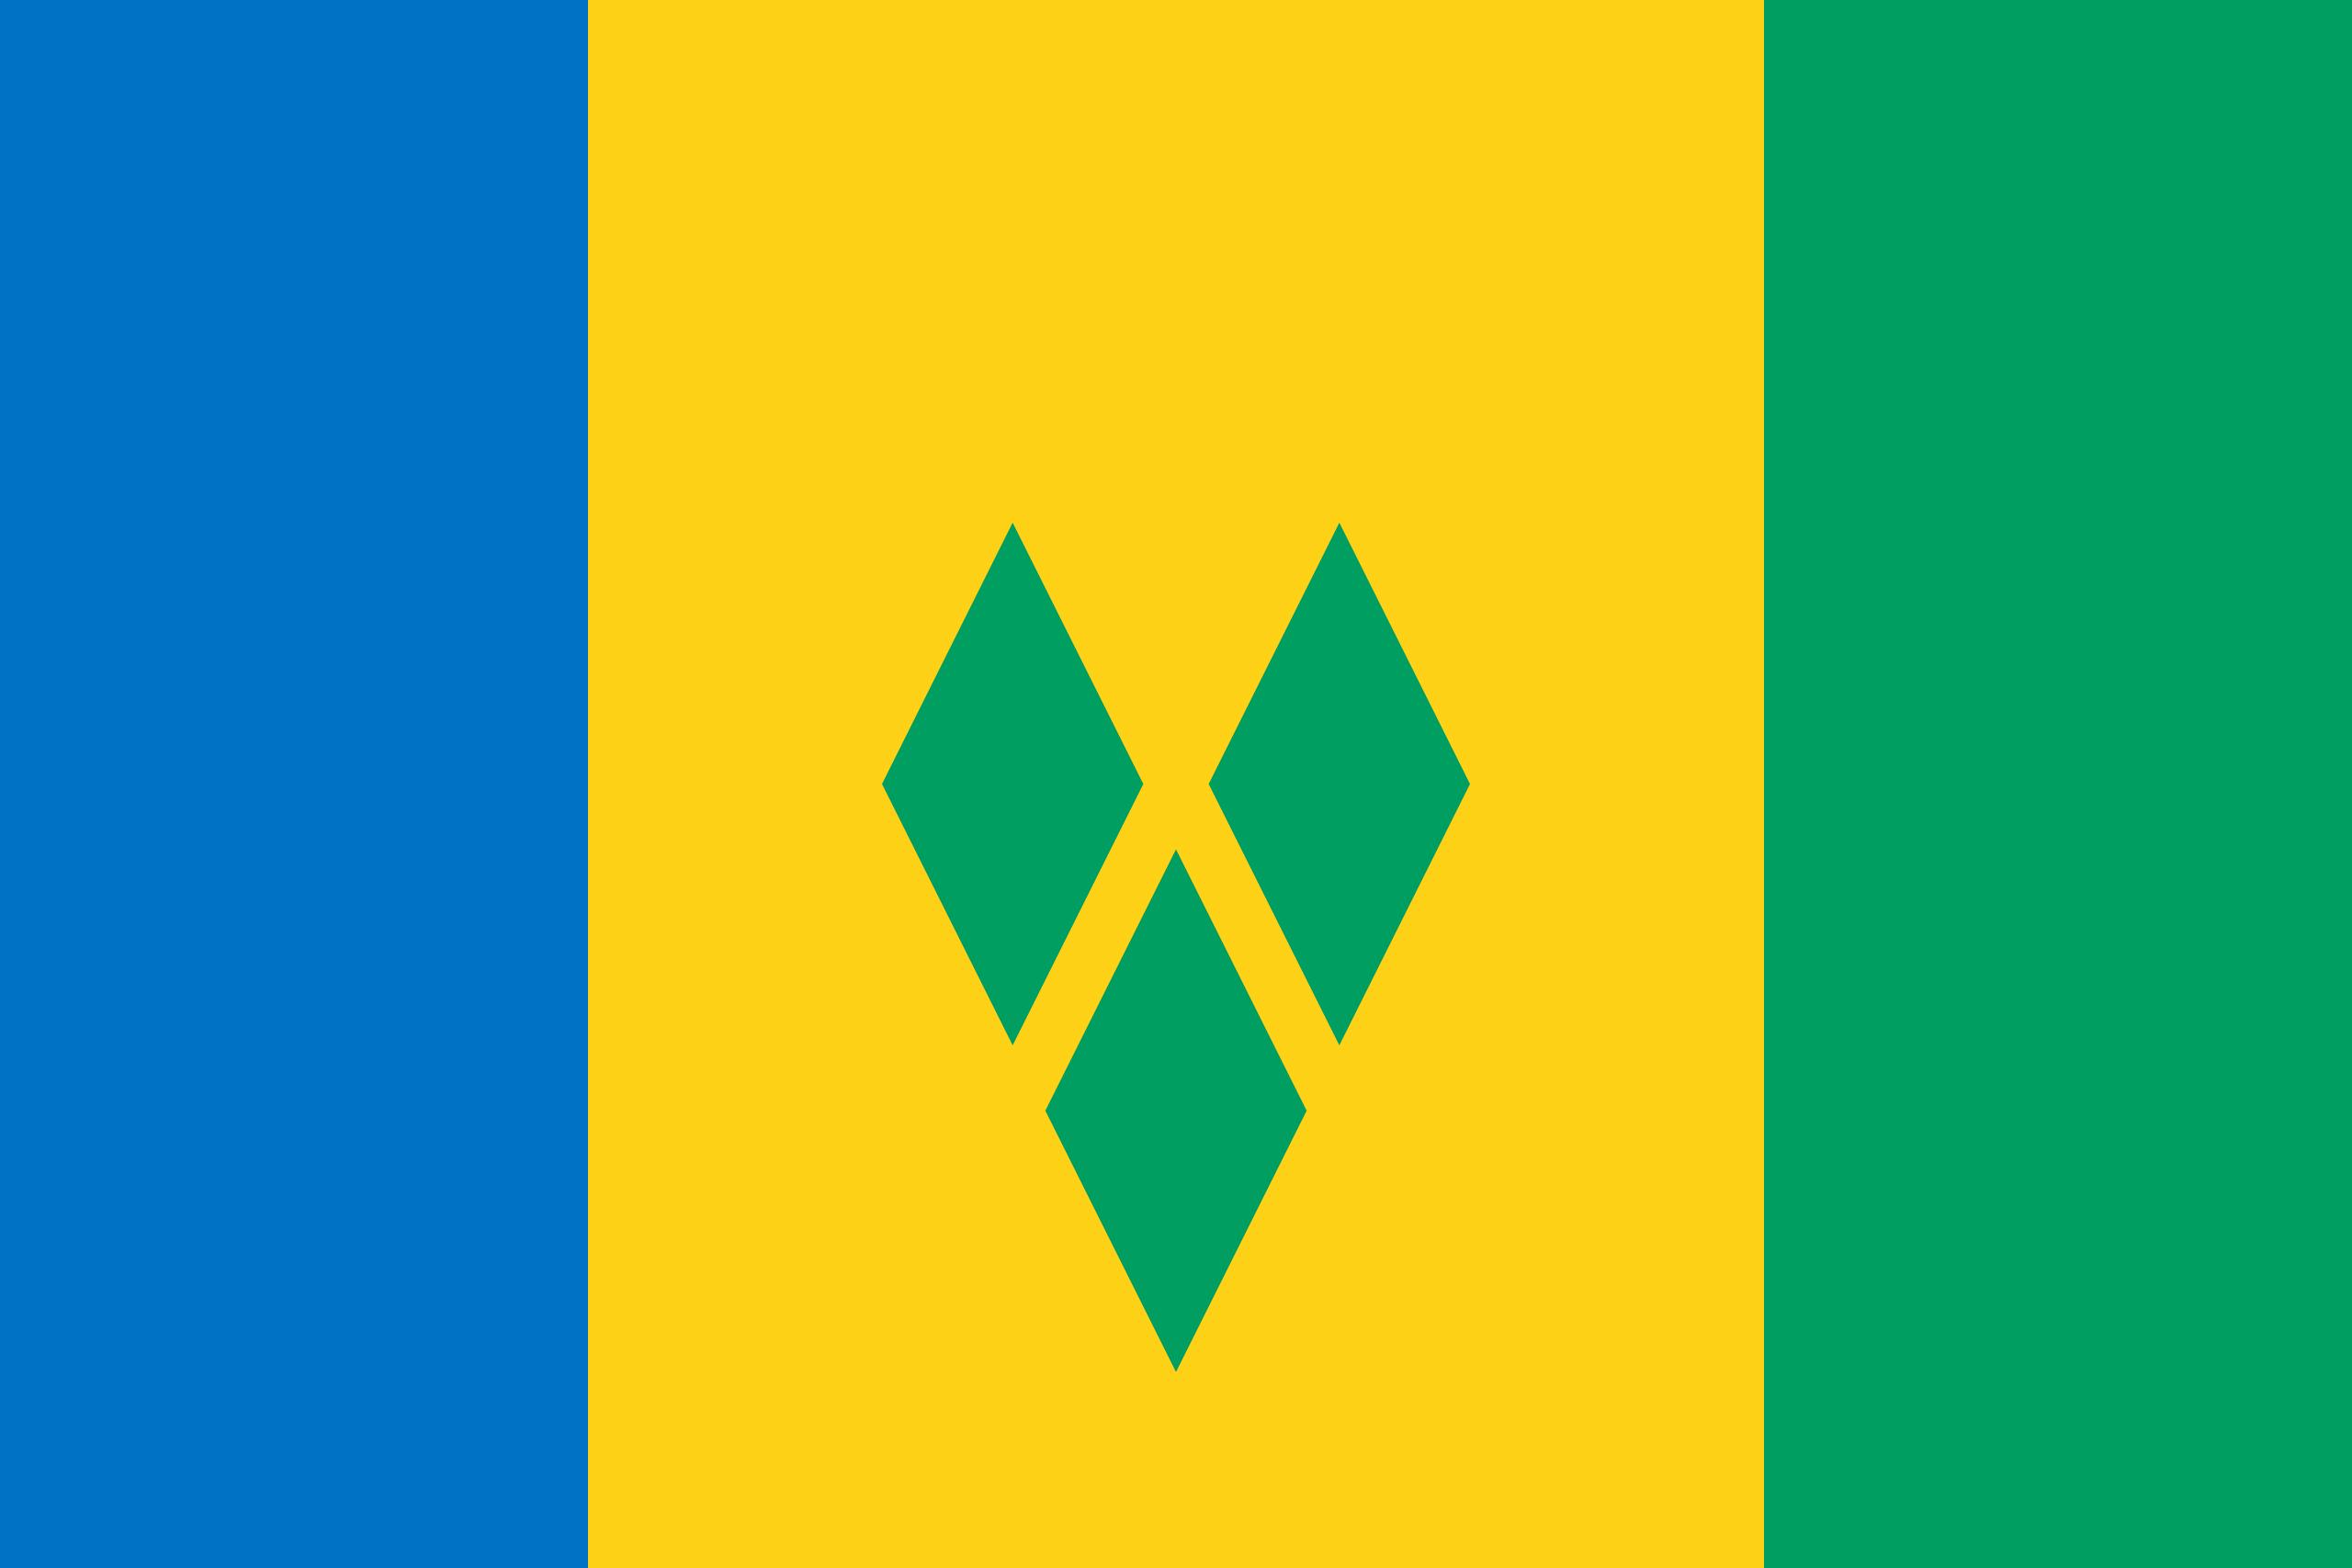 St. Vincent et les Grenadines, pays, emblème, logo, symbole - Fonds d'écran HD - Professor-falken.com